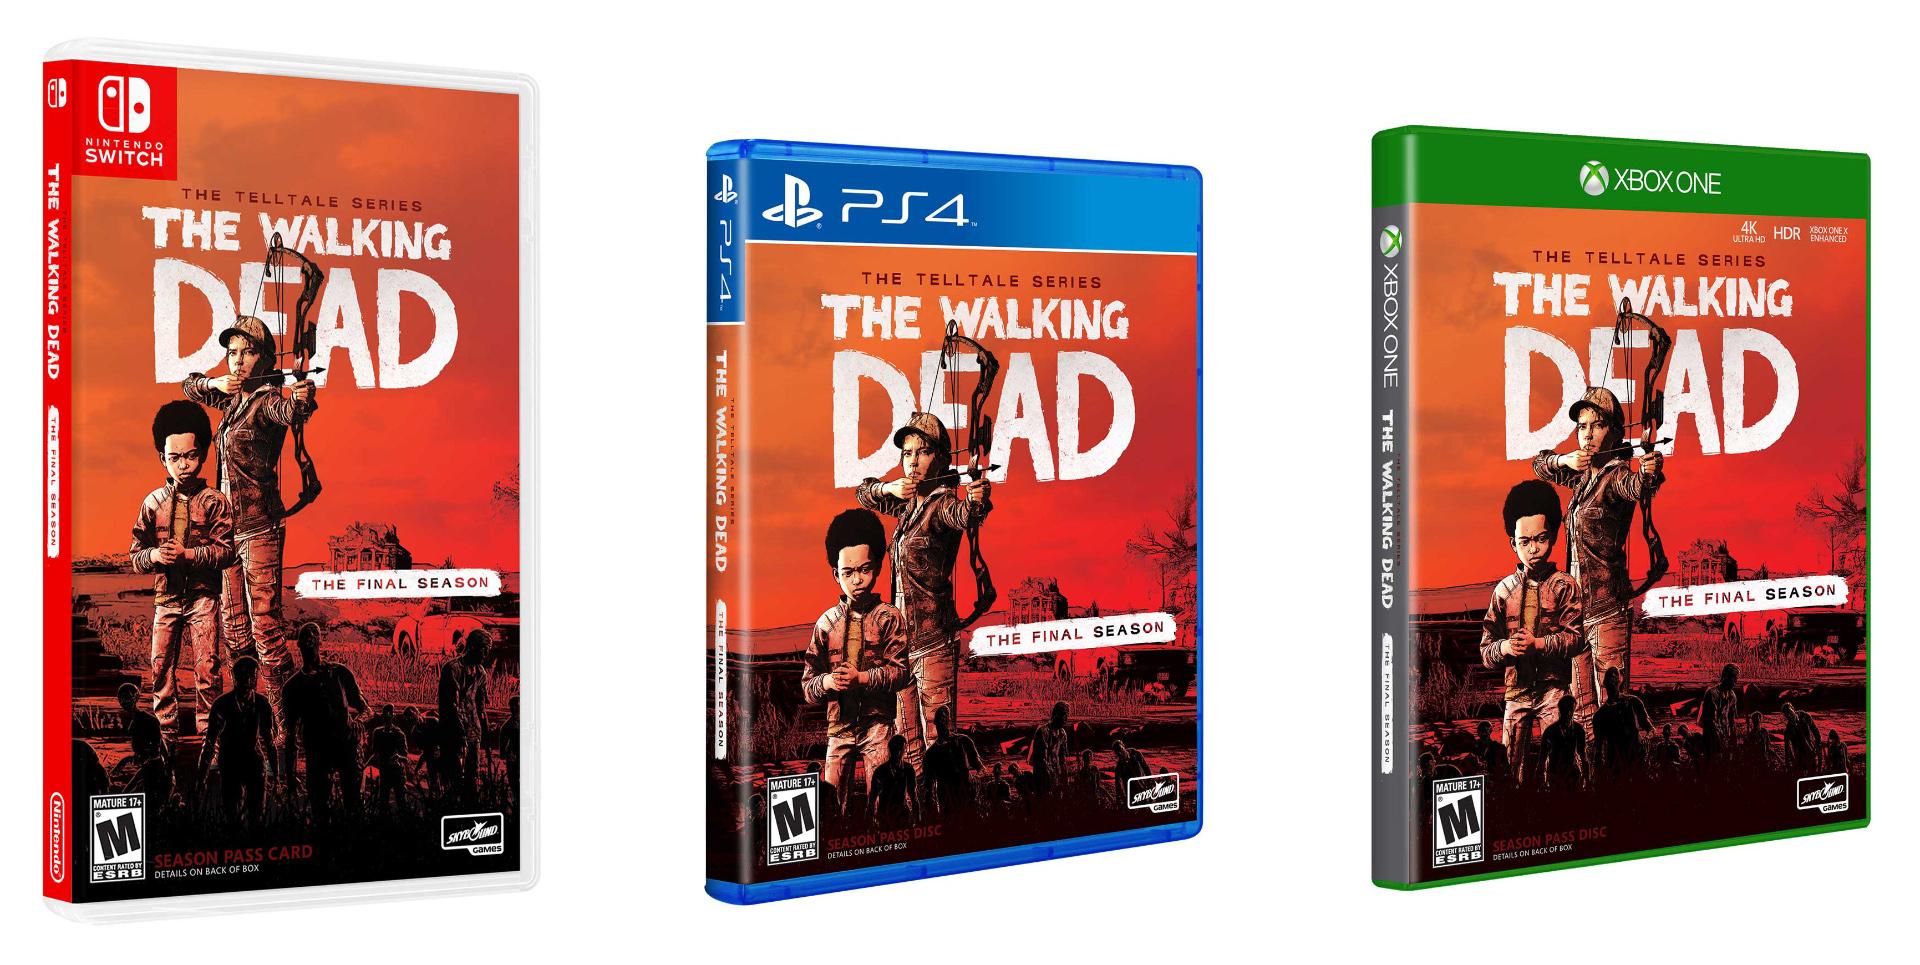 The Walking Dead: The Final Season Is Taking Us Back Next